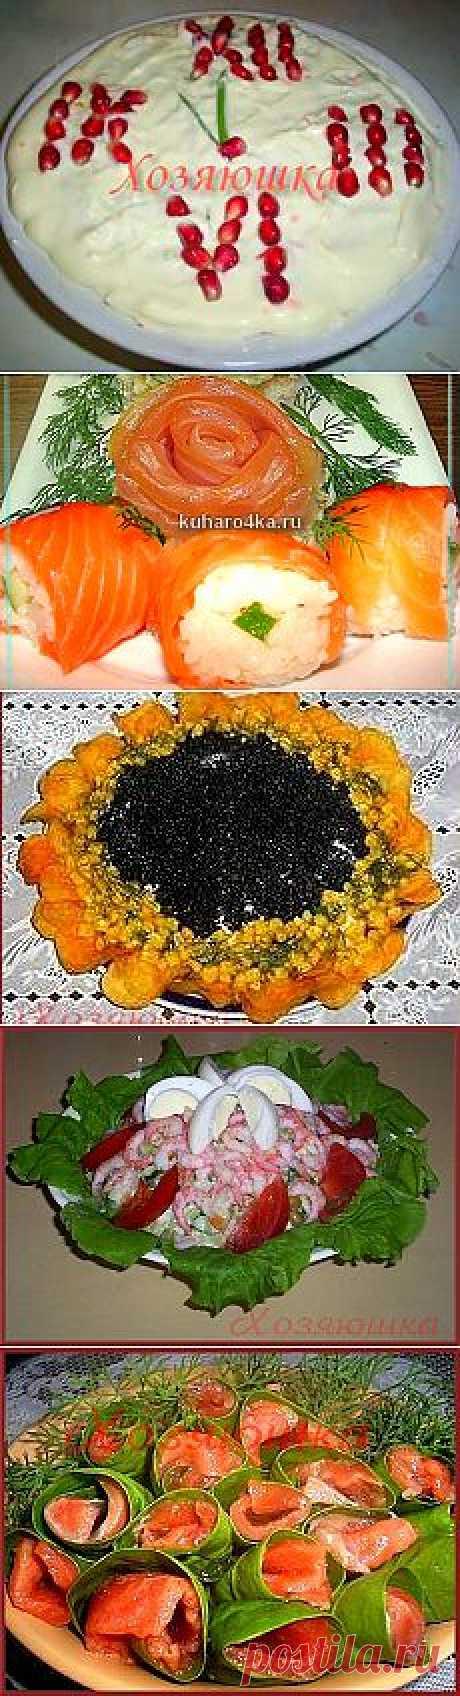 Лучшие Новогодние салаты и закуски 2014